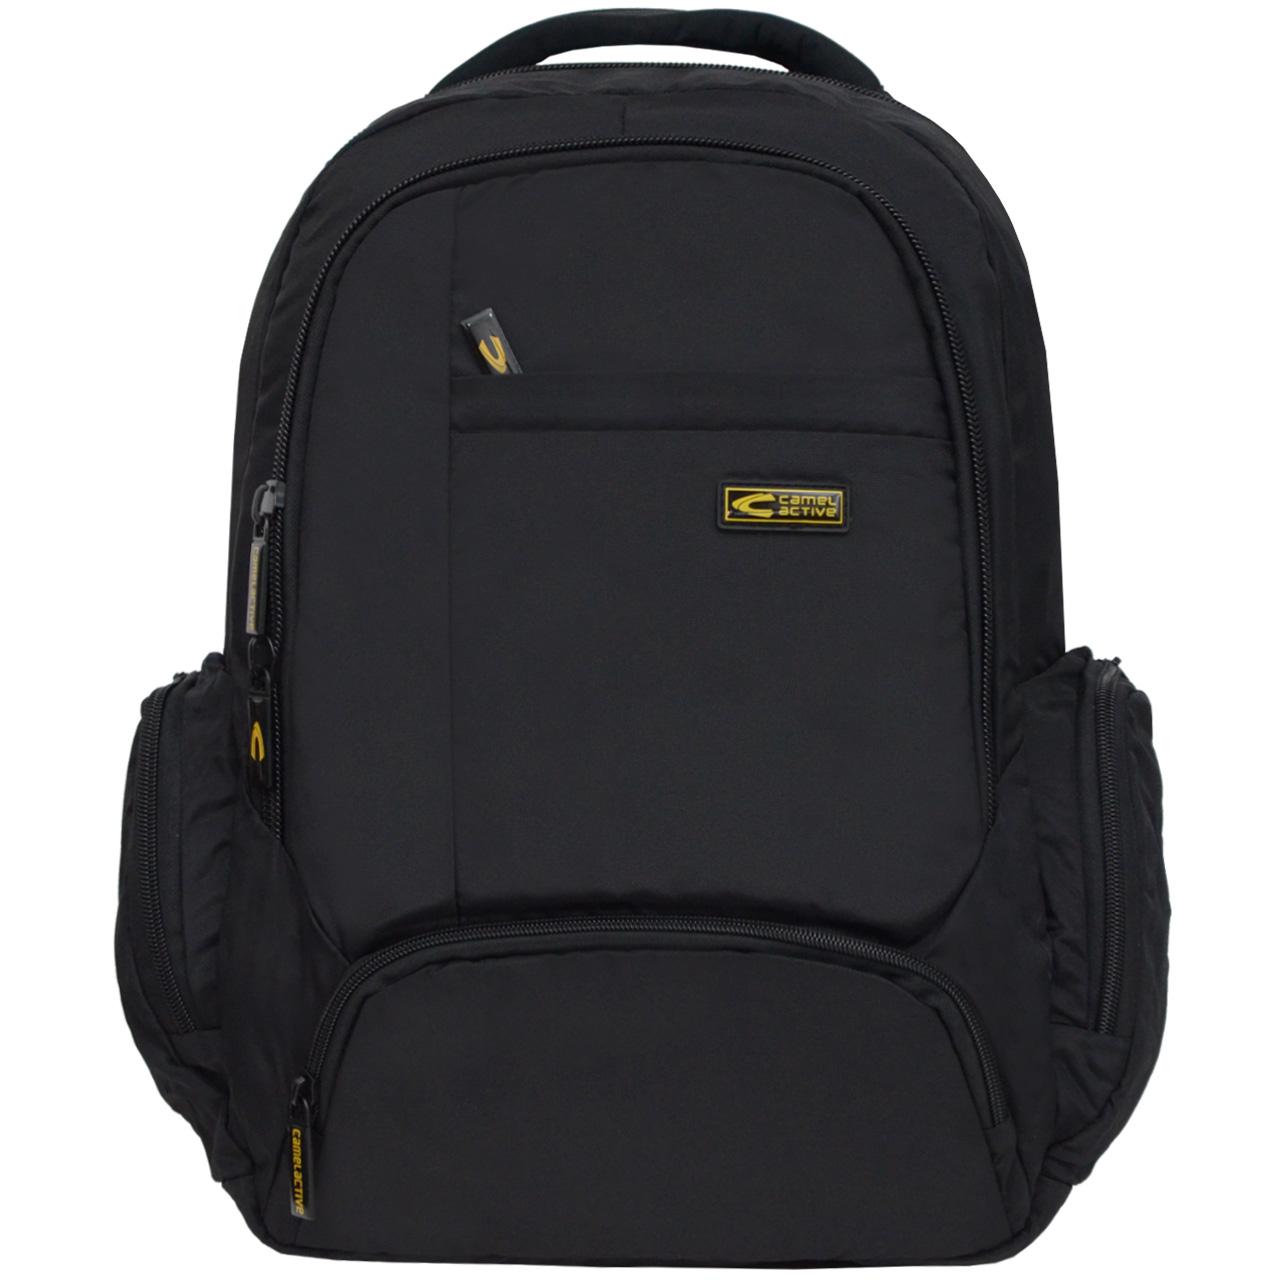 کوله پشتی لپ تاپ مدل CL1600106 - 3521 مناسب برای لپ تاپ 15.6 اینچی